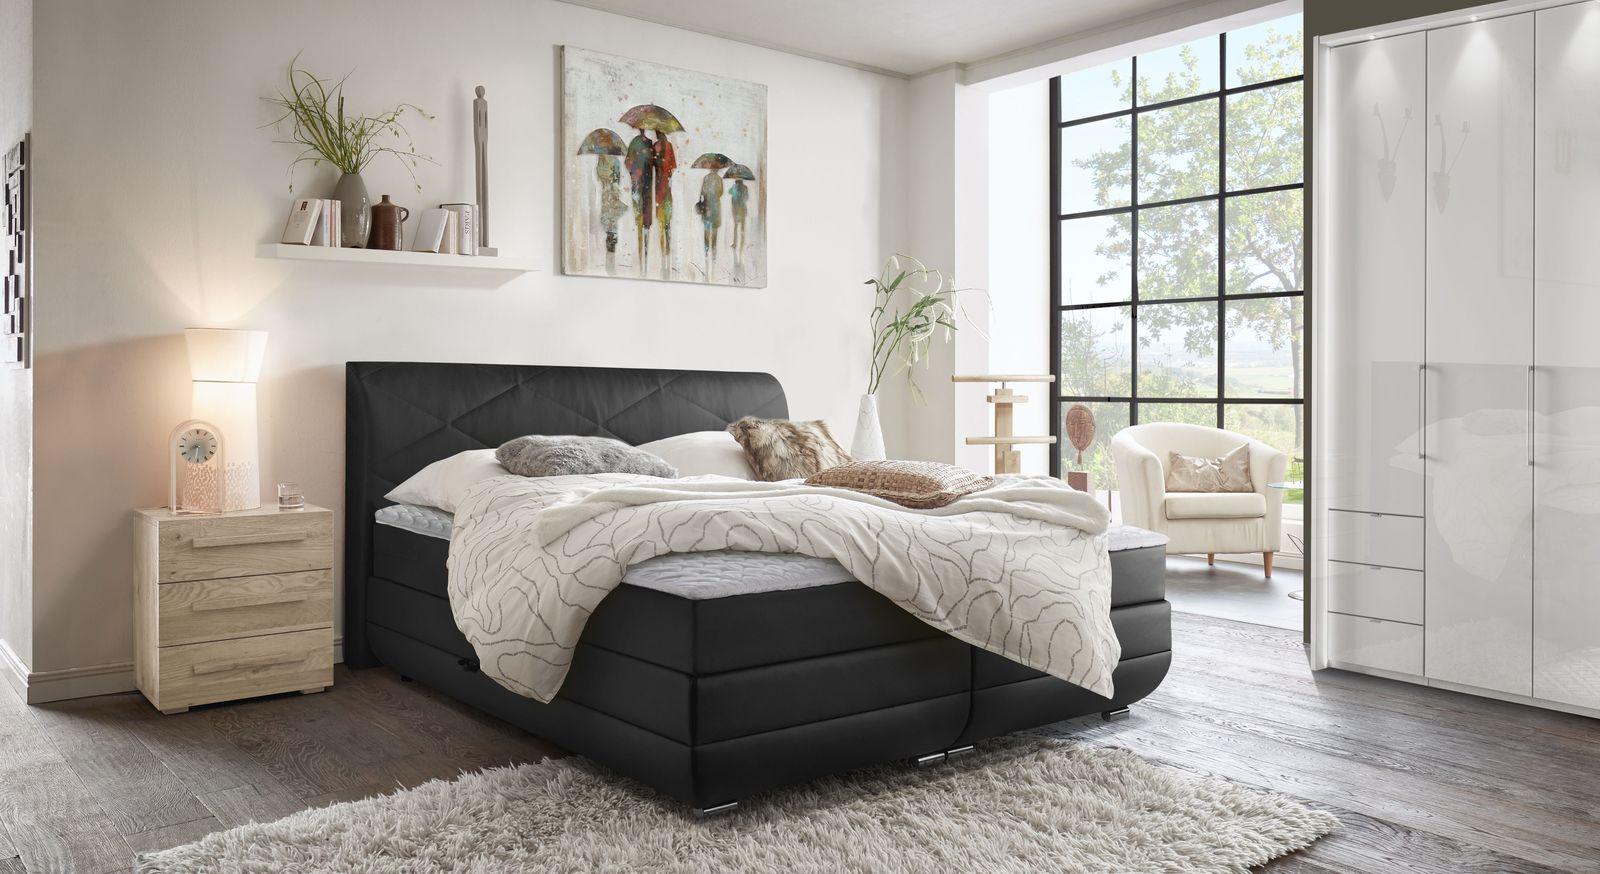 Bettkasten-Boxspringbett Christiana mit Schlafzimmer-Möbeln